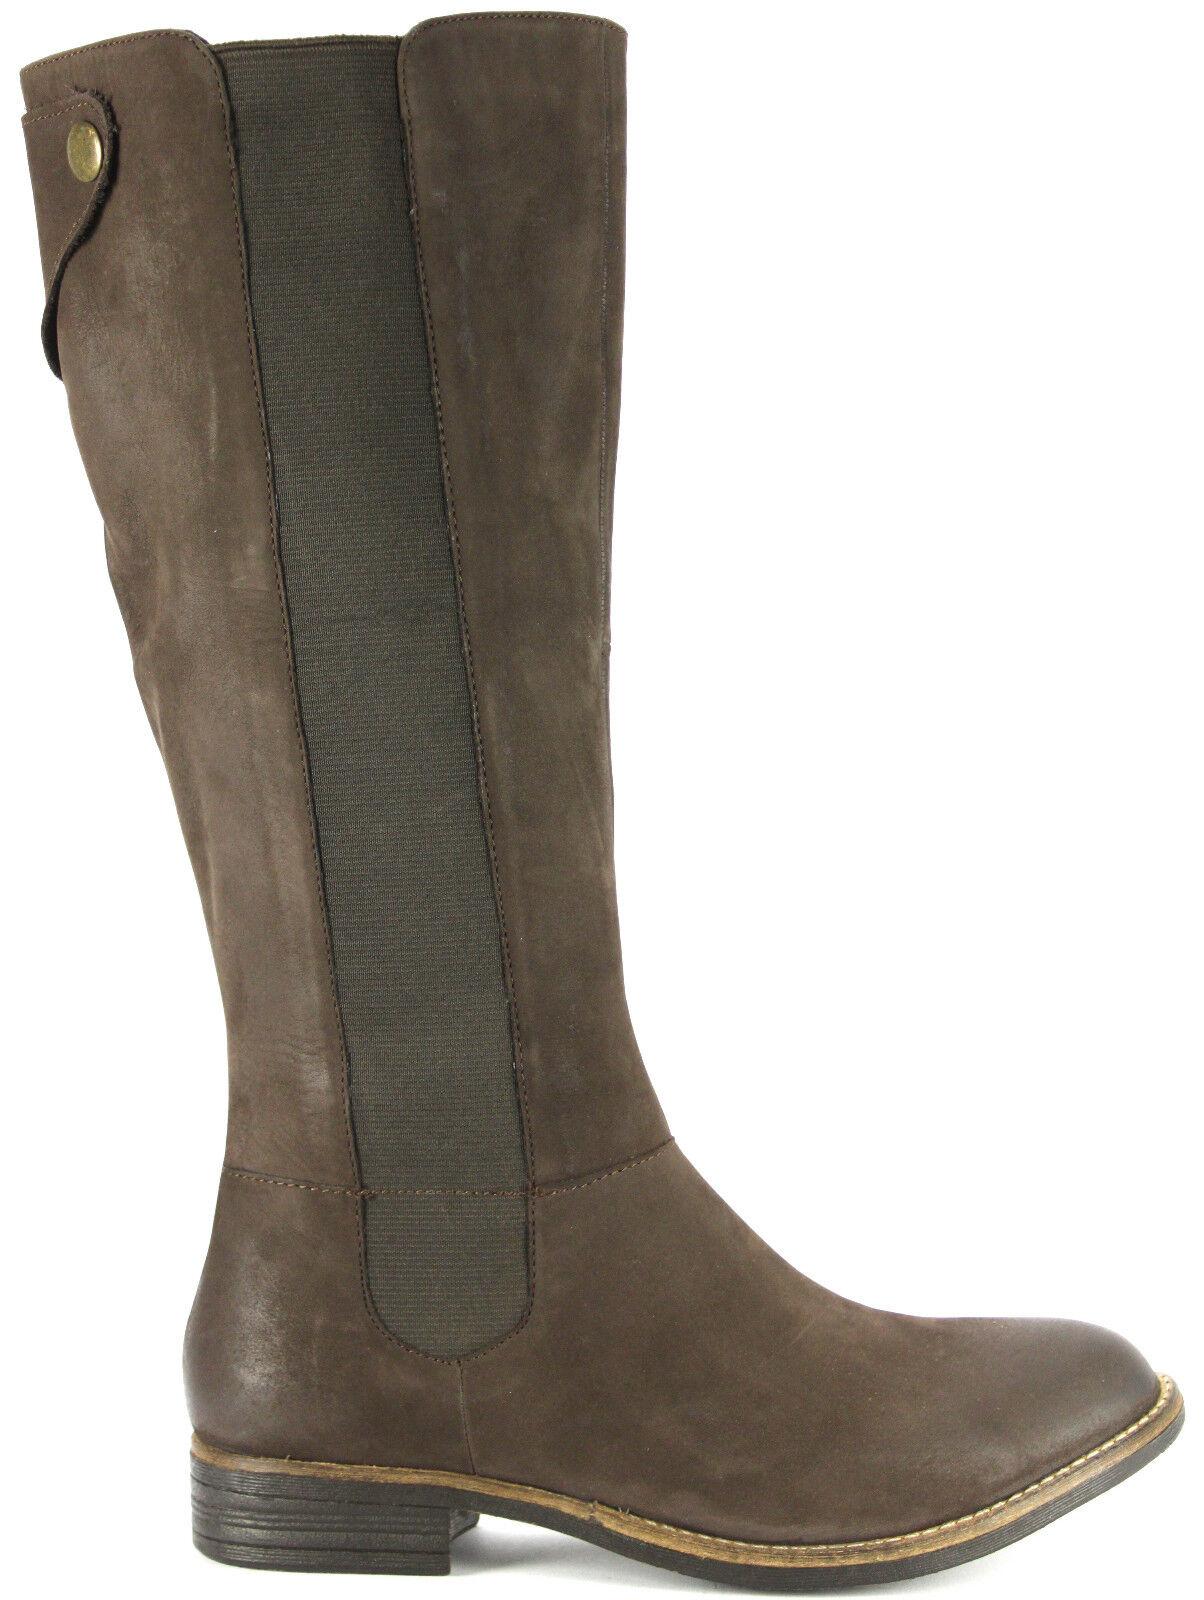 SPM chaussures Bottes Chelsea 17605887 DK marron marron Langschaft Nouveau Prix Recommandé